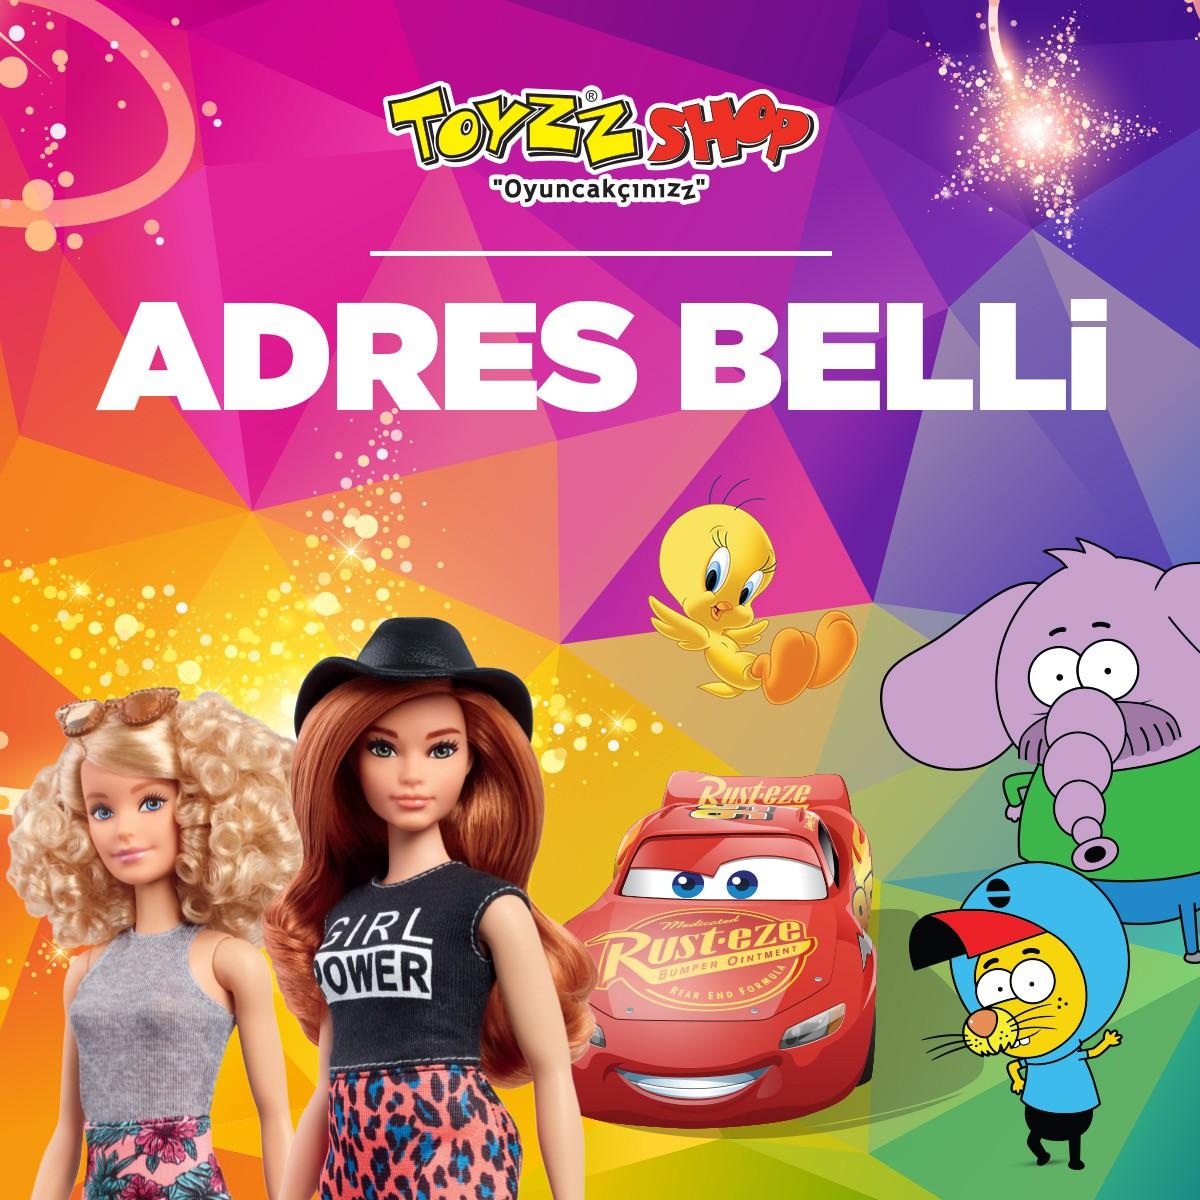 Yüzlerce oyuncak çeşidiyle çocuklar kadar büyüklerinde, neşe ve eğlencede #adresbelli #AntalyaMigros AVM #Toyzzshop!